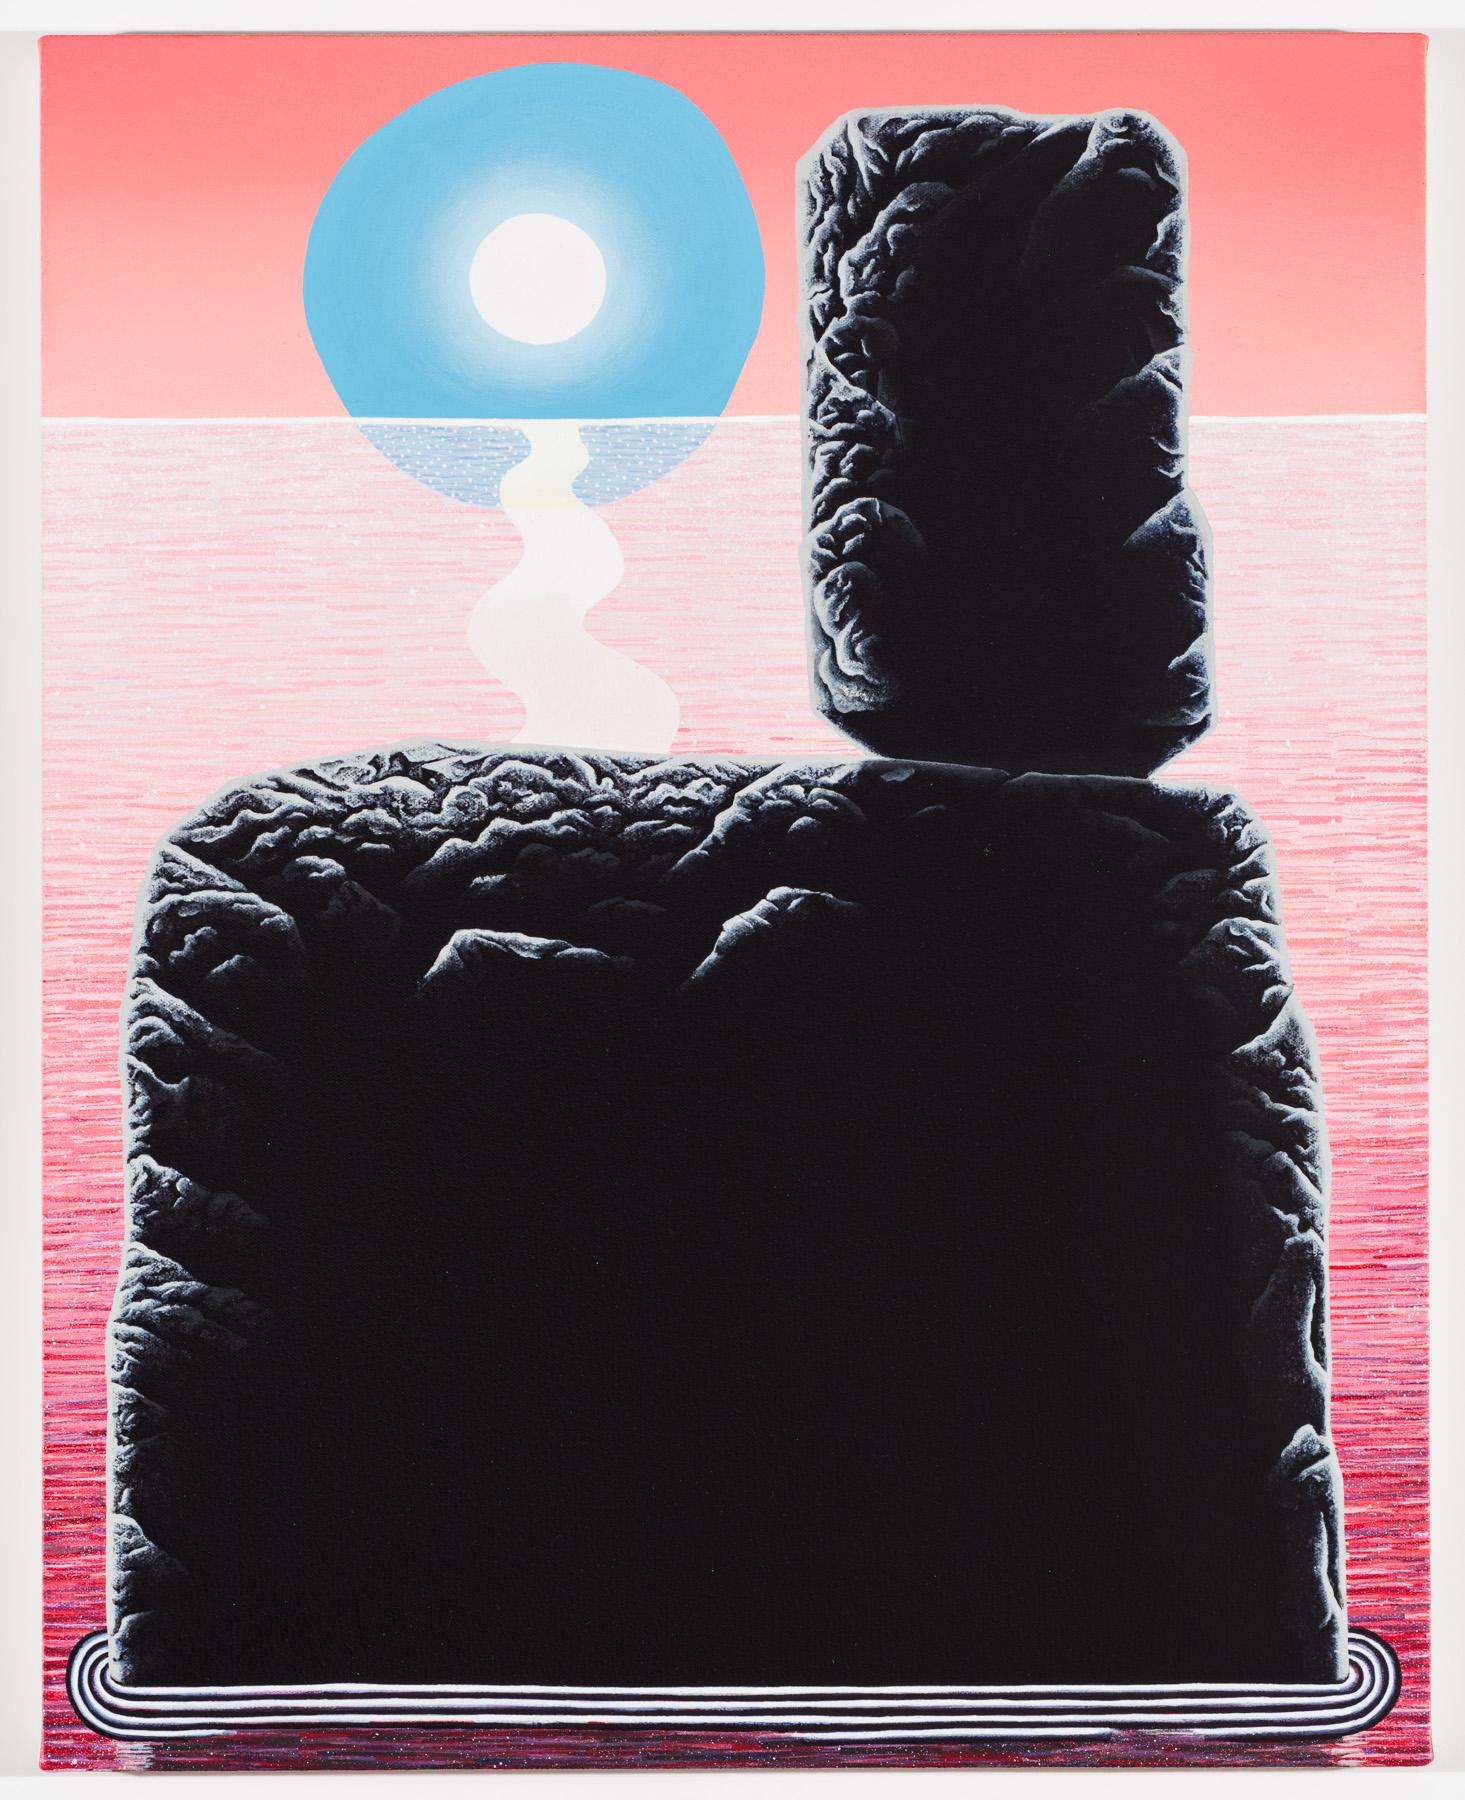 """The Good Philip acrylic on canvas 25 x 20"""" 2016"""